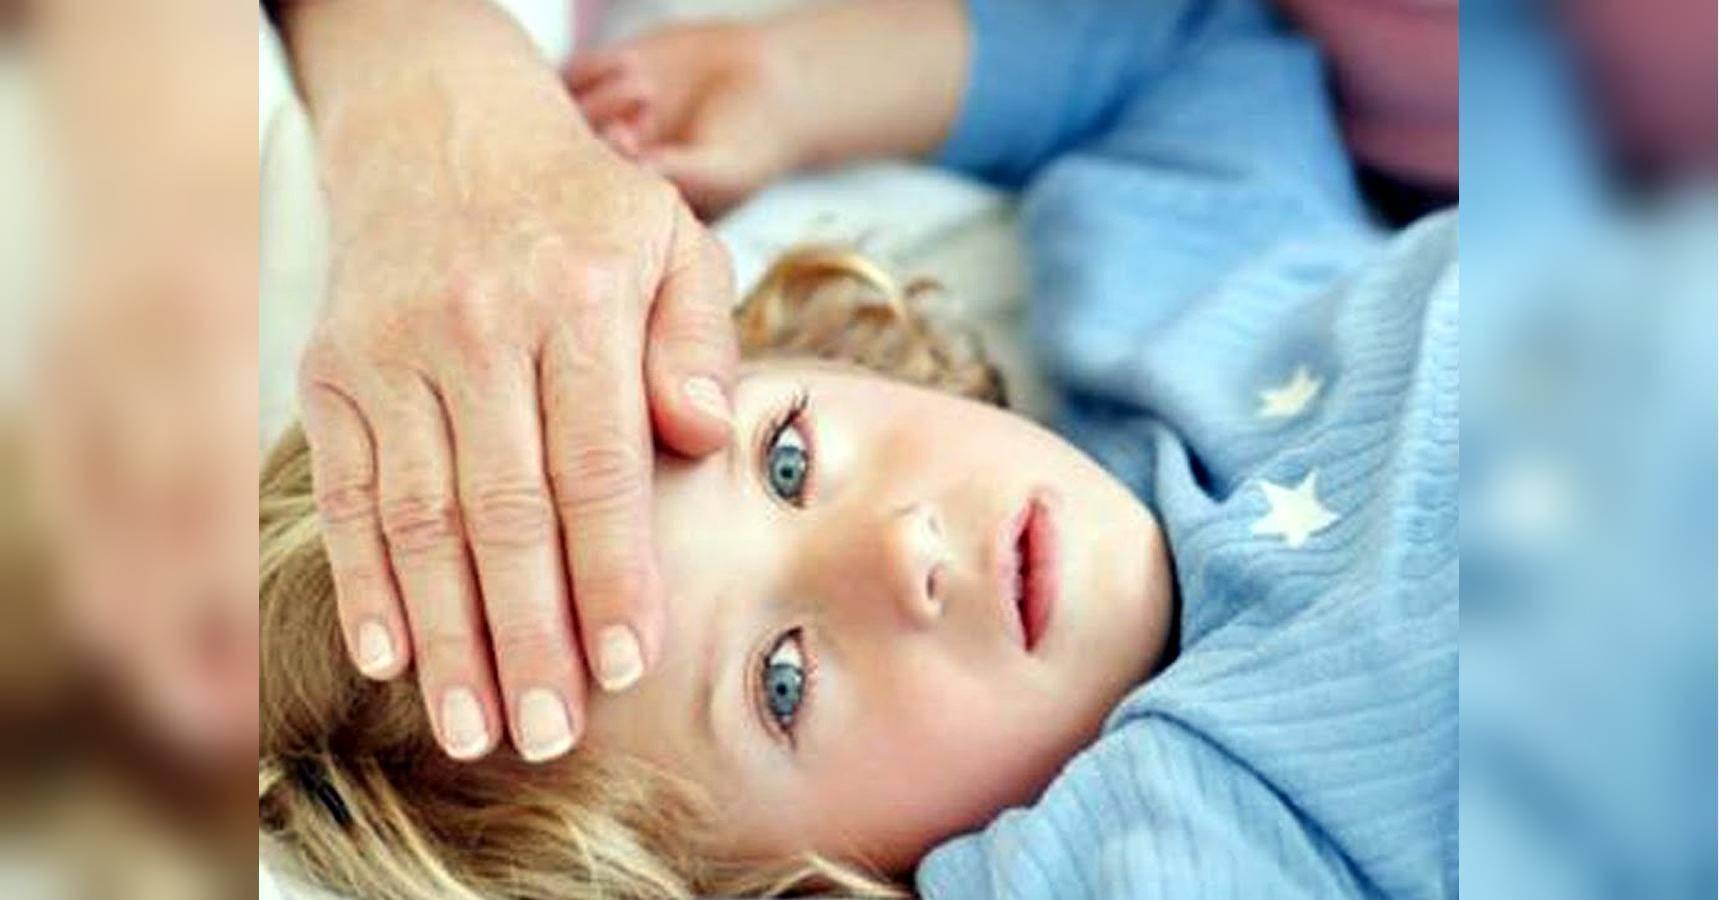 Понос и температура у ребенка - причины, диагностика и неотложная помощь